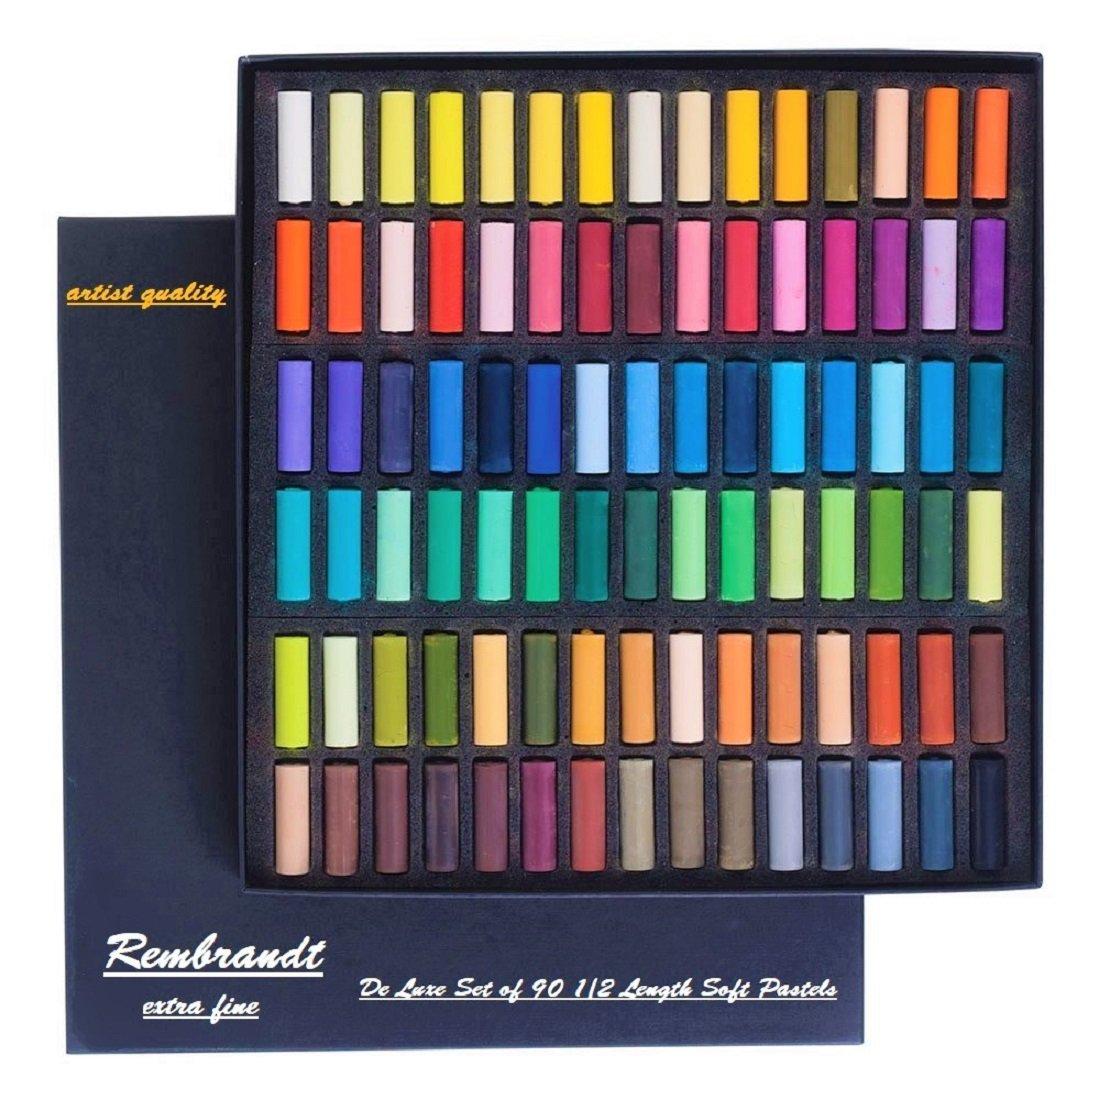 REMBRANT Espace Beaux Arts Rembrandt Soft Pastels 90 Half stick General de Luxe Set